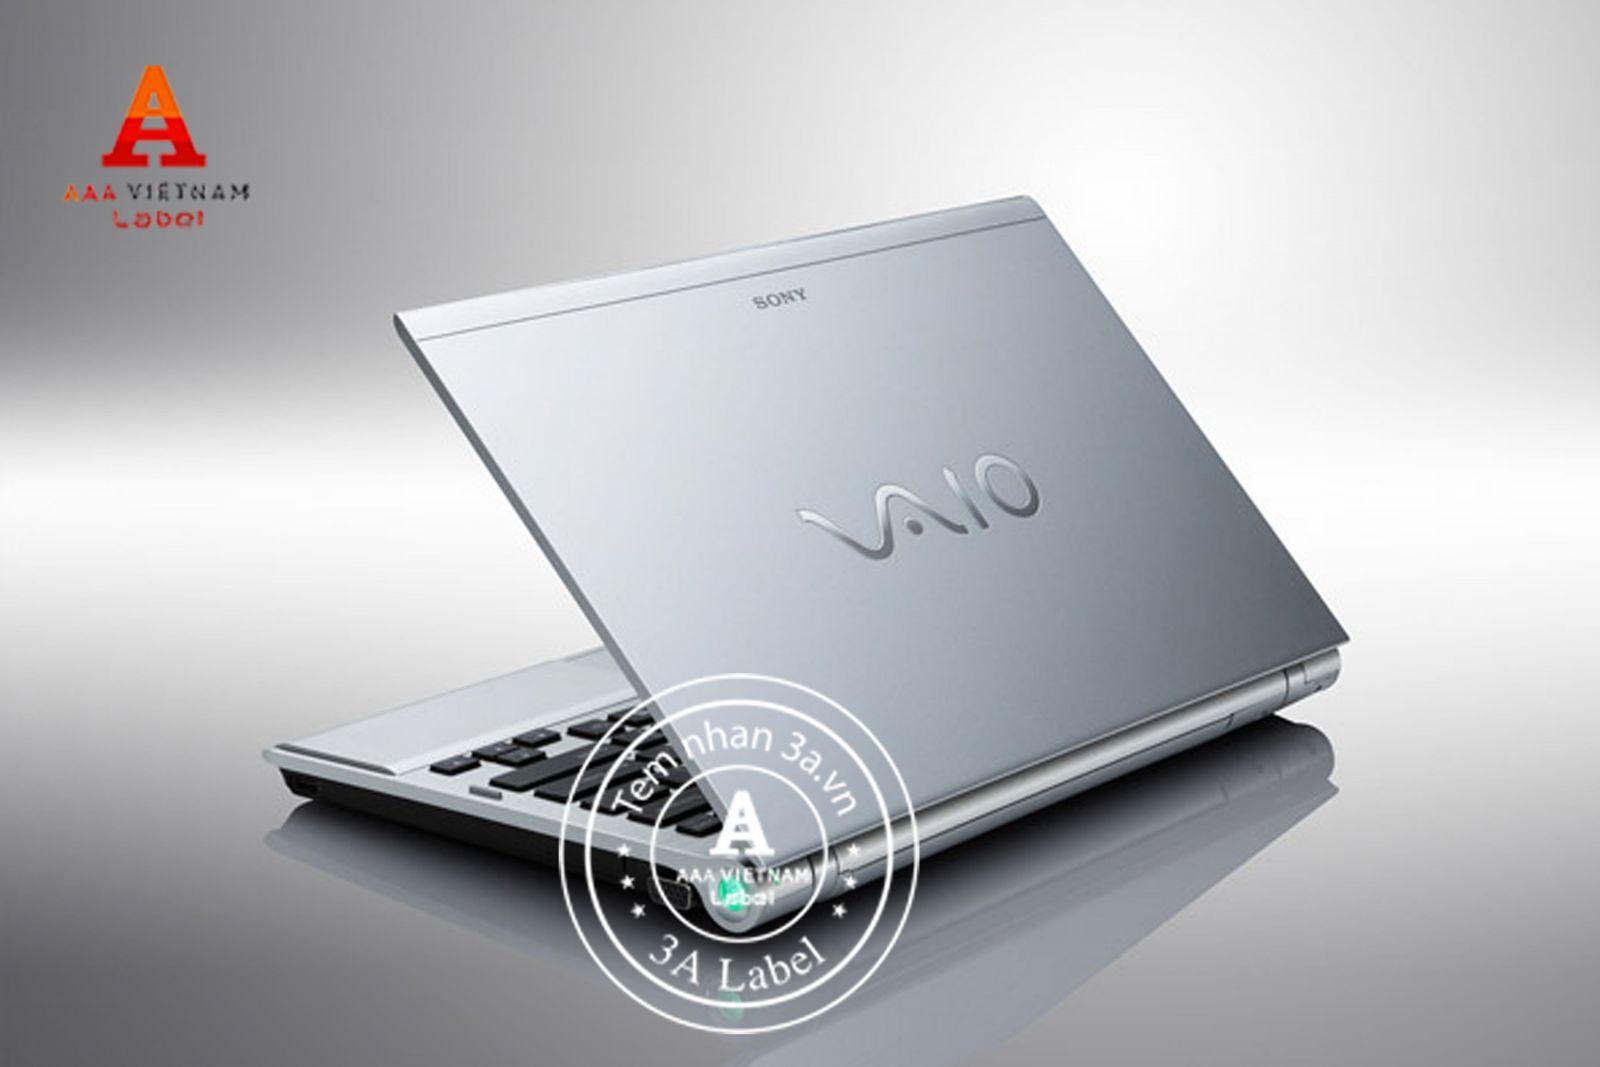 Máy tính, laptop khẳng định đẳng cấp nhờ tem nhôm siêu mỏng